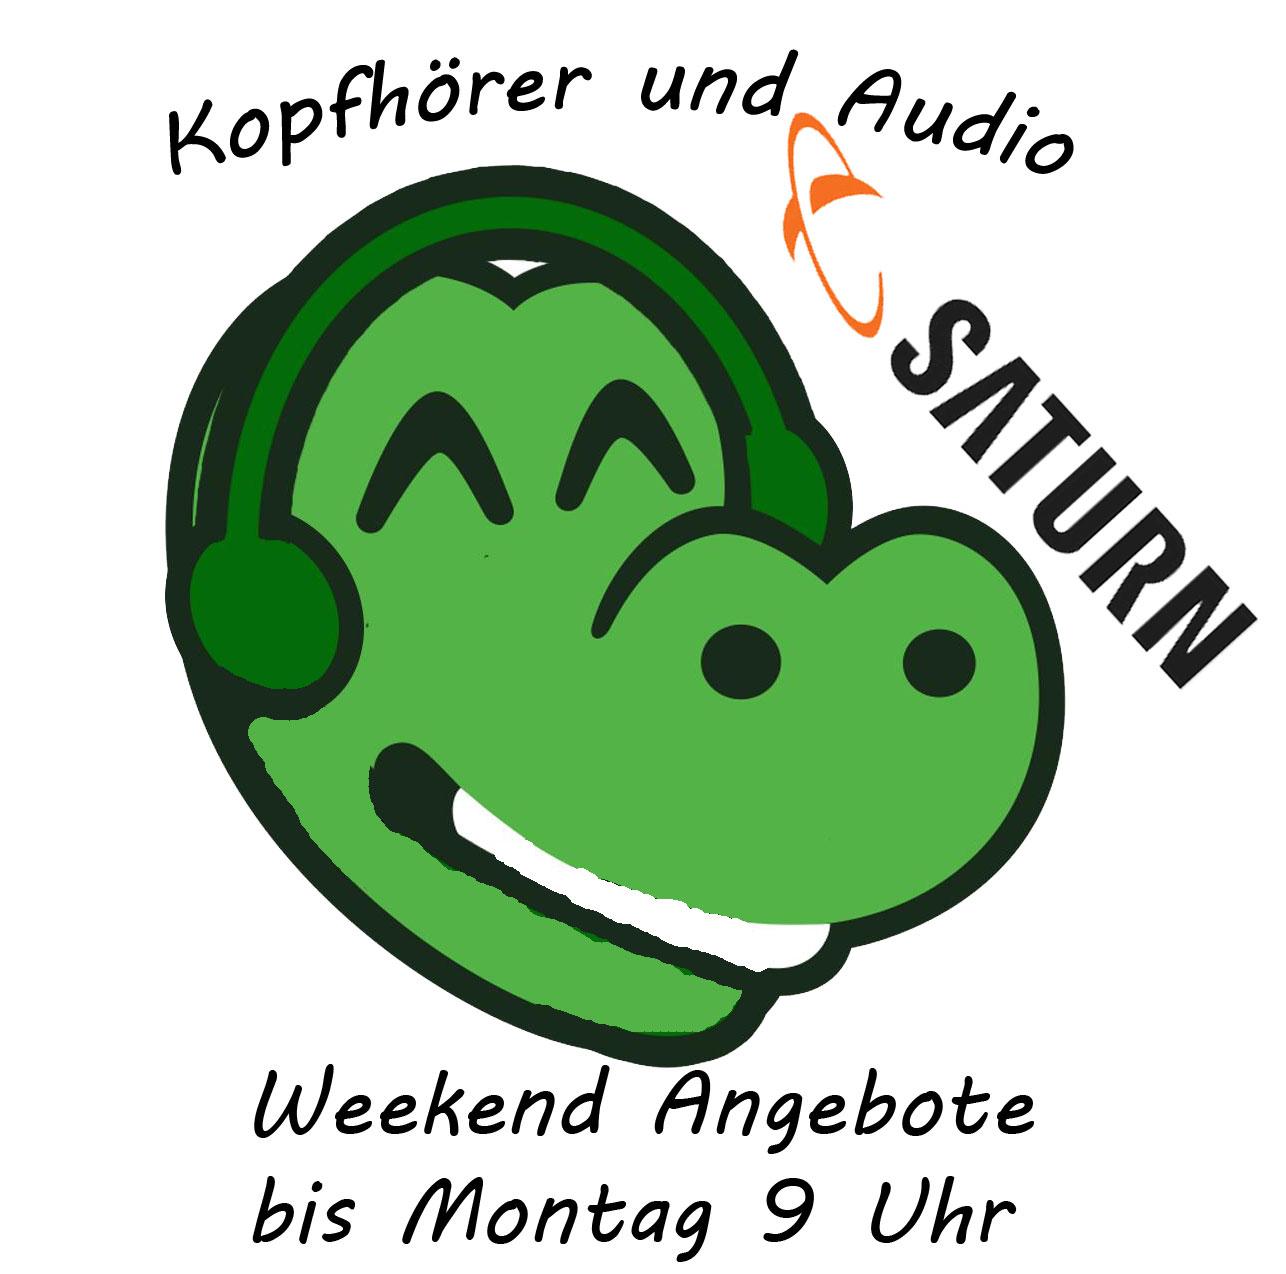 Kopfhörer und Audio Angebote bei Saturn: z.B. Onkyo TX-NR 656 für 333€ statt 418€; Dockin D Mate Lautsprecher für 69€ statt 89€ uvm.